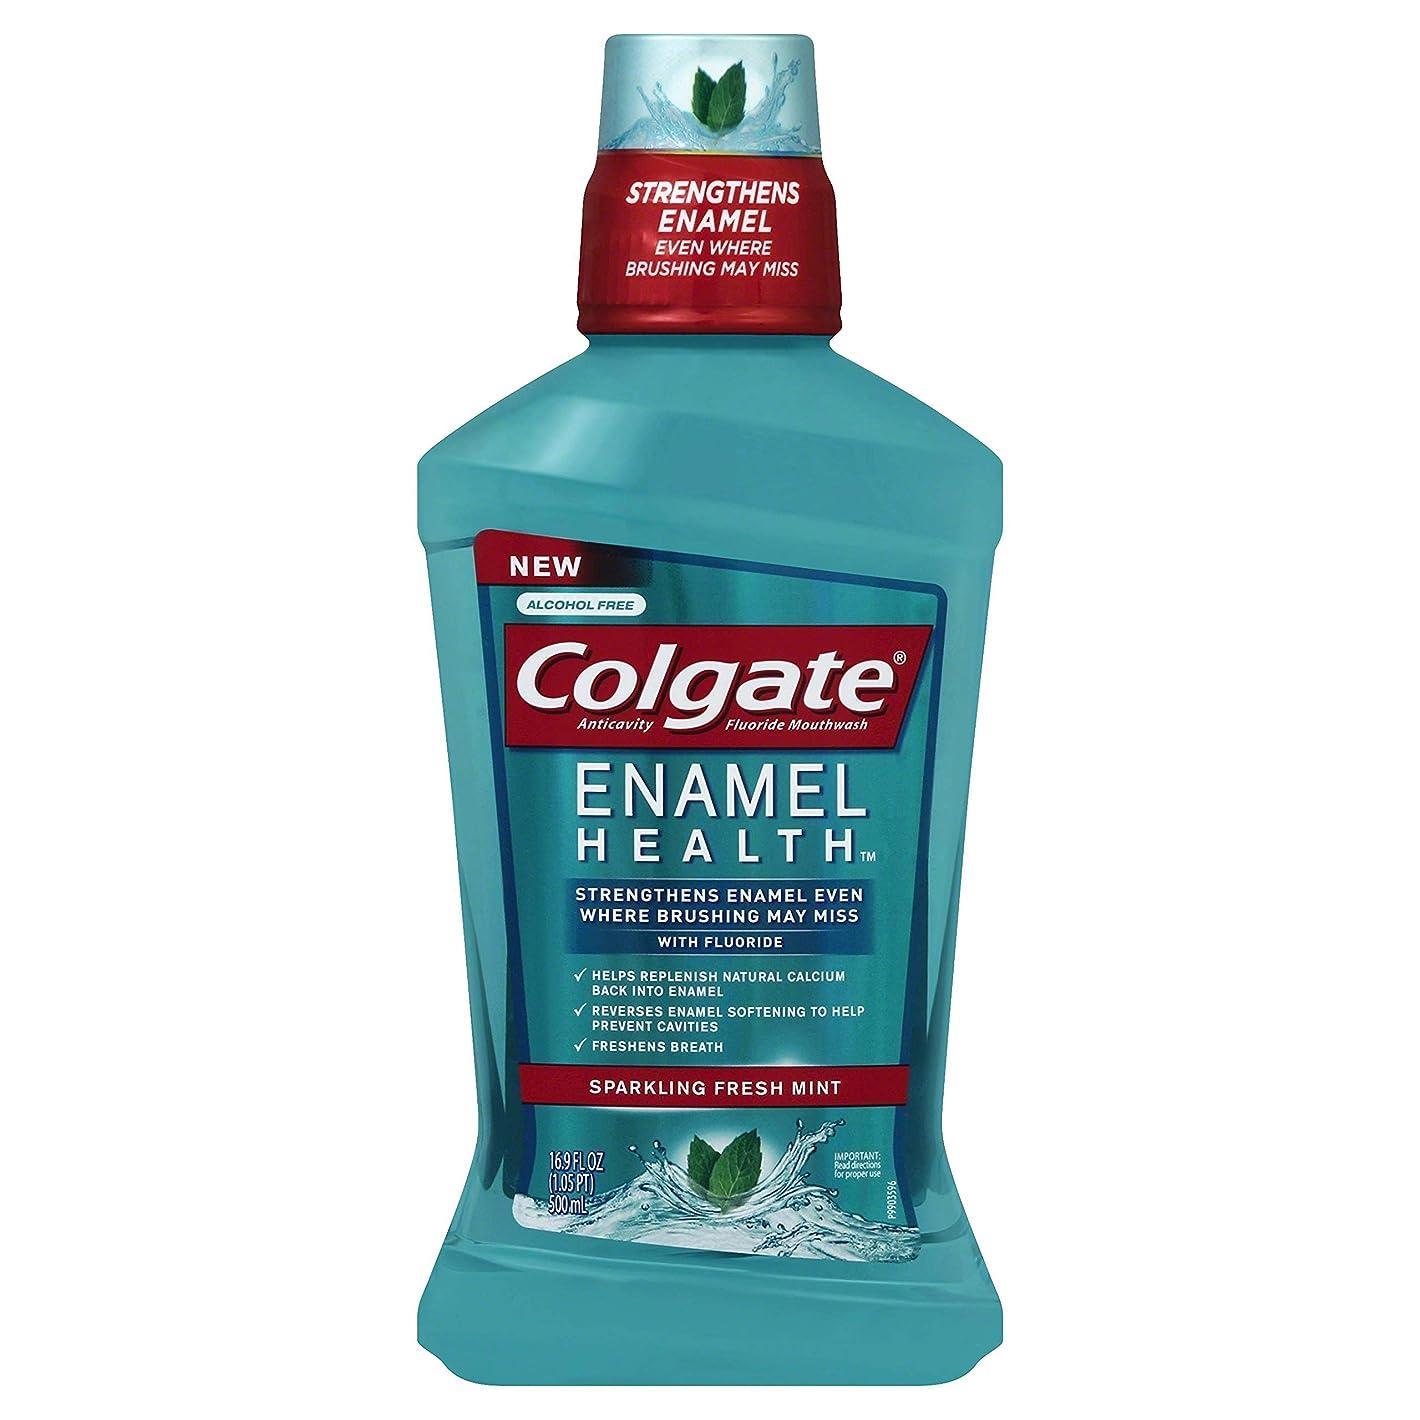 軽減磁石スパークColgate エナメル健康スパークリングフレッシュミント虫歯予防フッ素うがい薬、500ミリリットル - 6パック